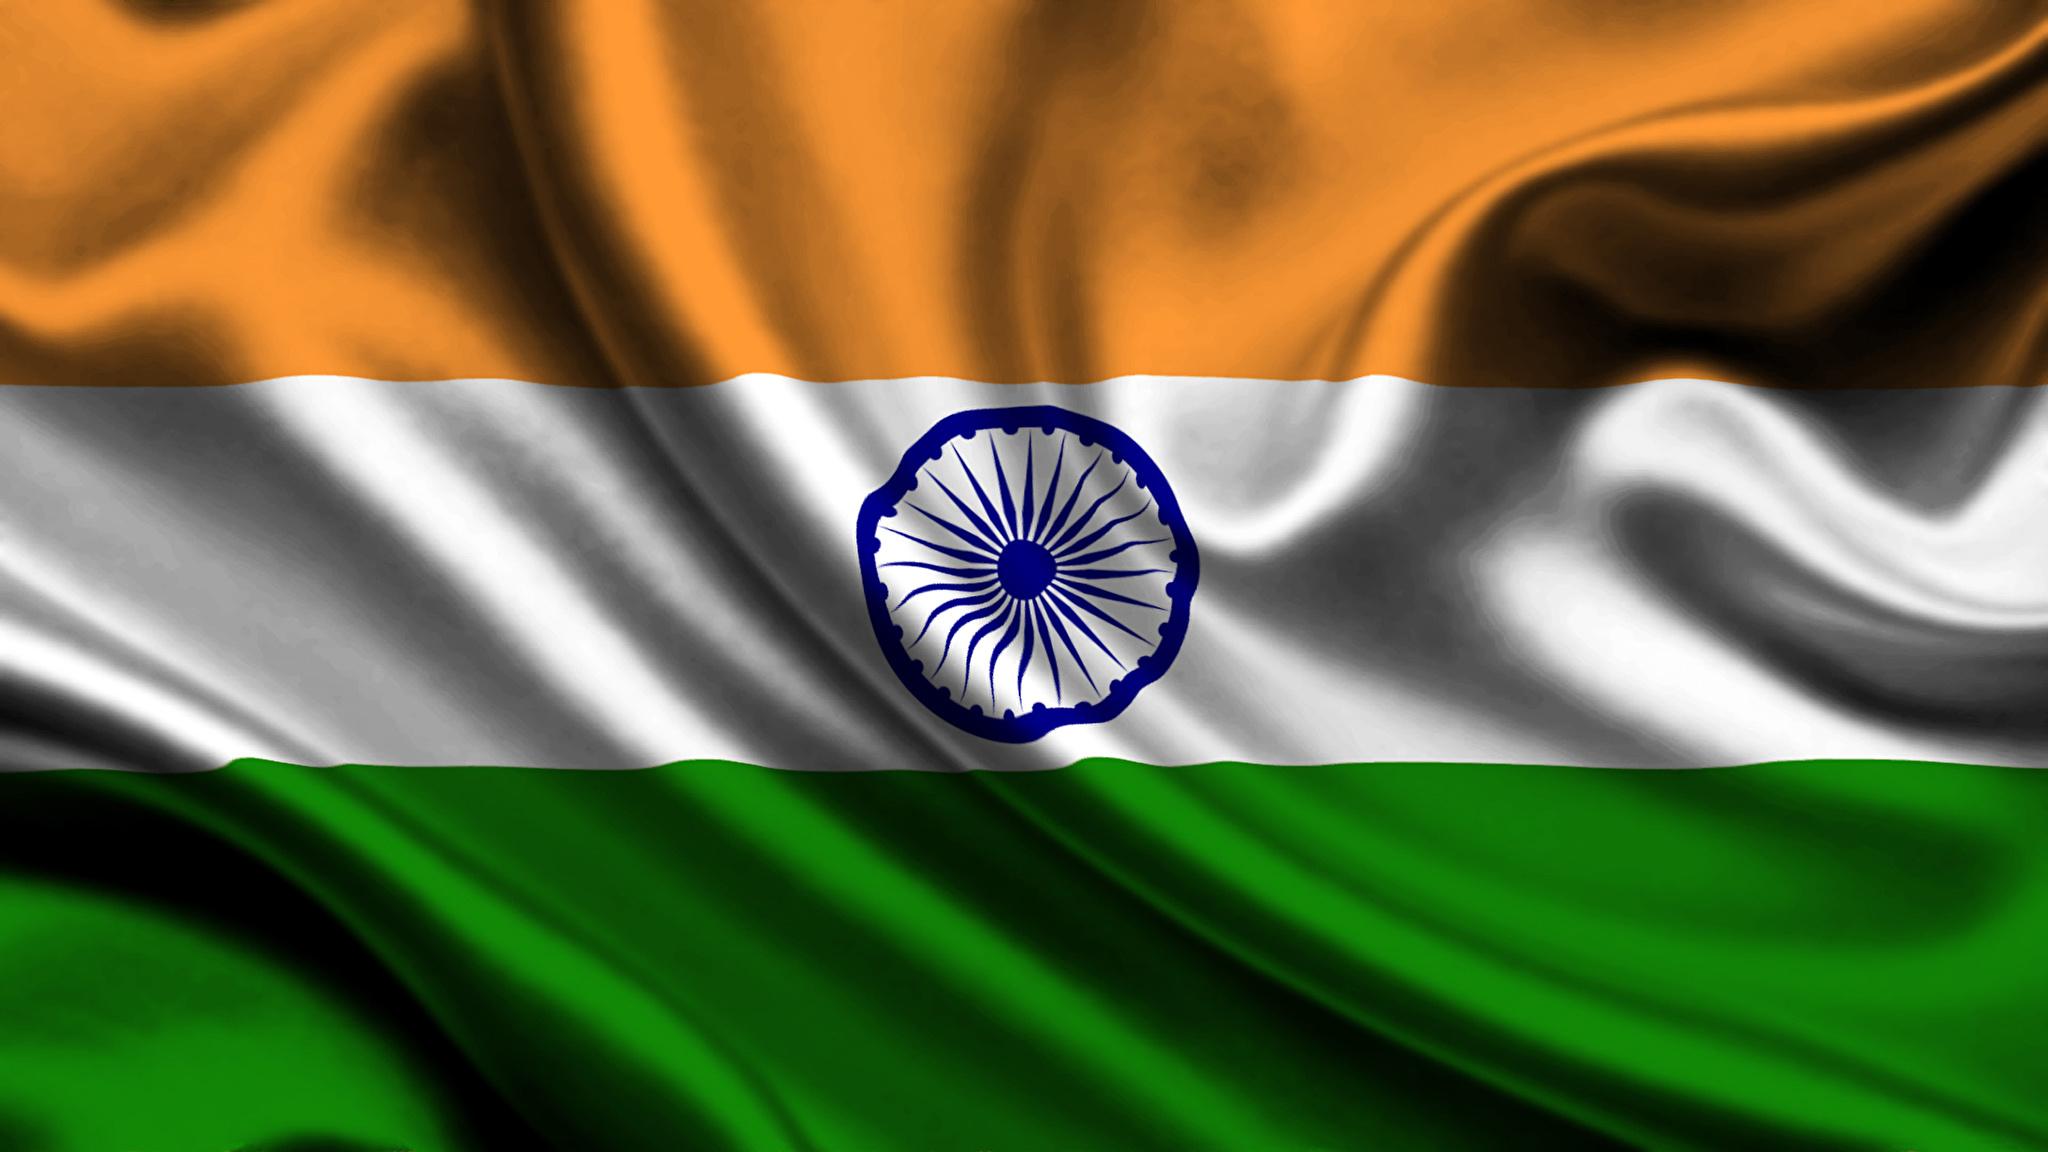 I funzionari indiani visitano i regolatori in Giappone Regno Unito Svizzera per studiare le Cryptomonete - I funzionari indiani visitano i regolatori in Giappone, Regno Unito, Svizzera per studiare le Cryptomonete